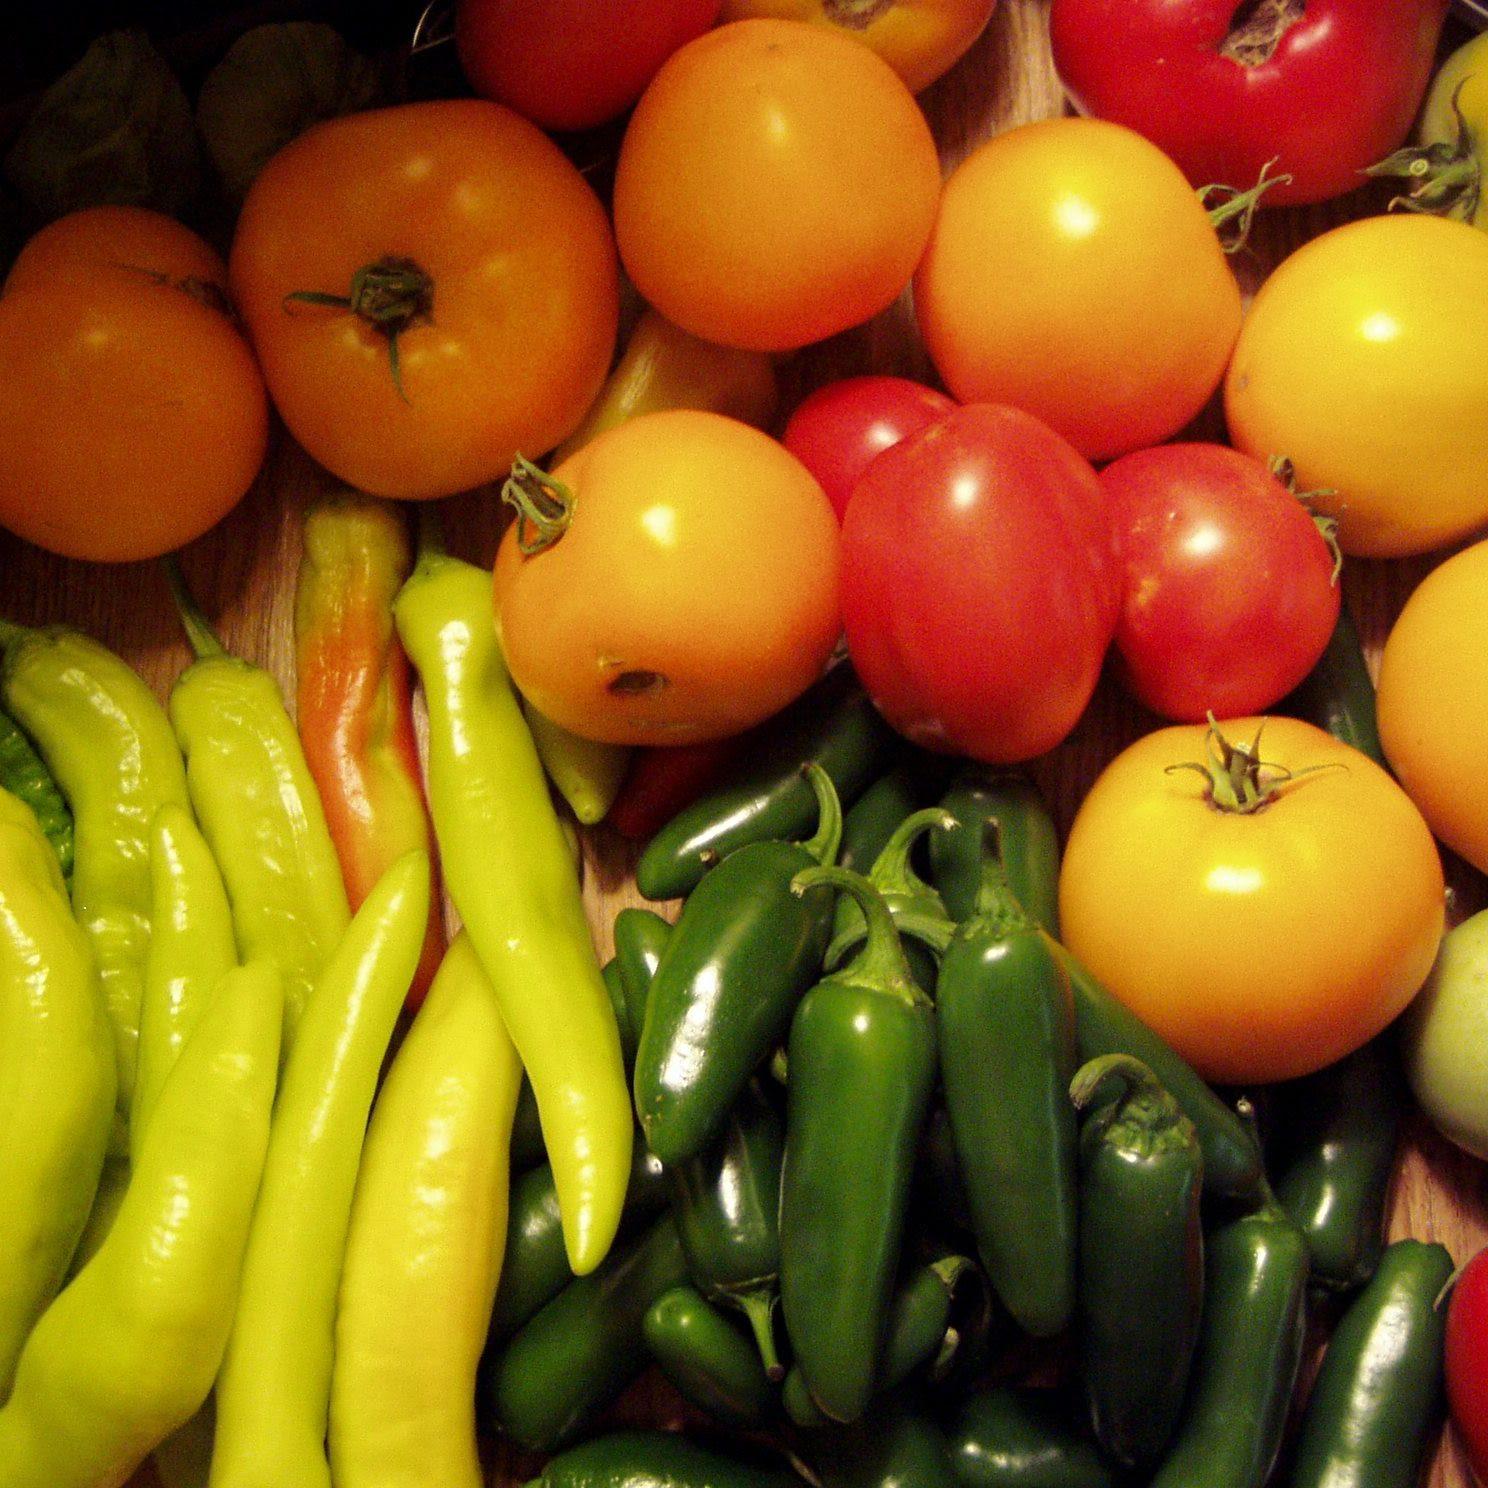 En esta imagen se muestra una variedad de vegetales producidos con hidropnia